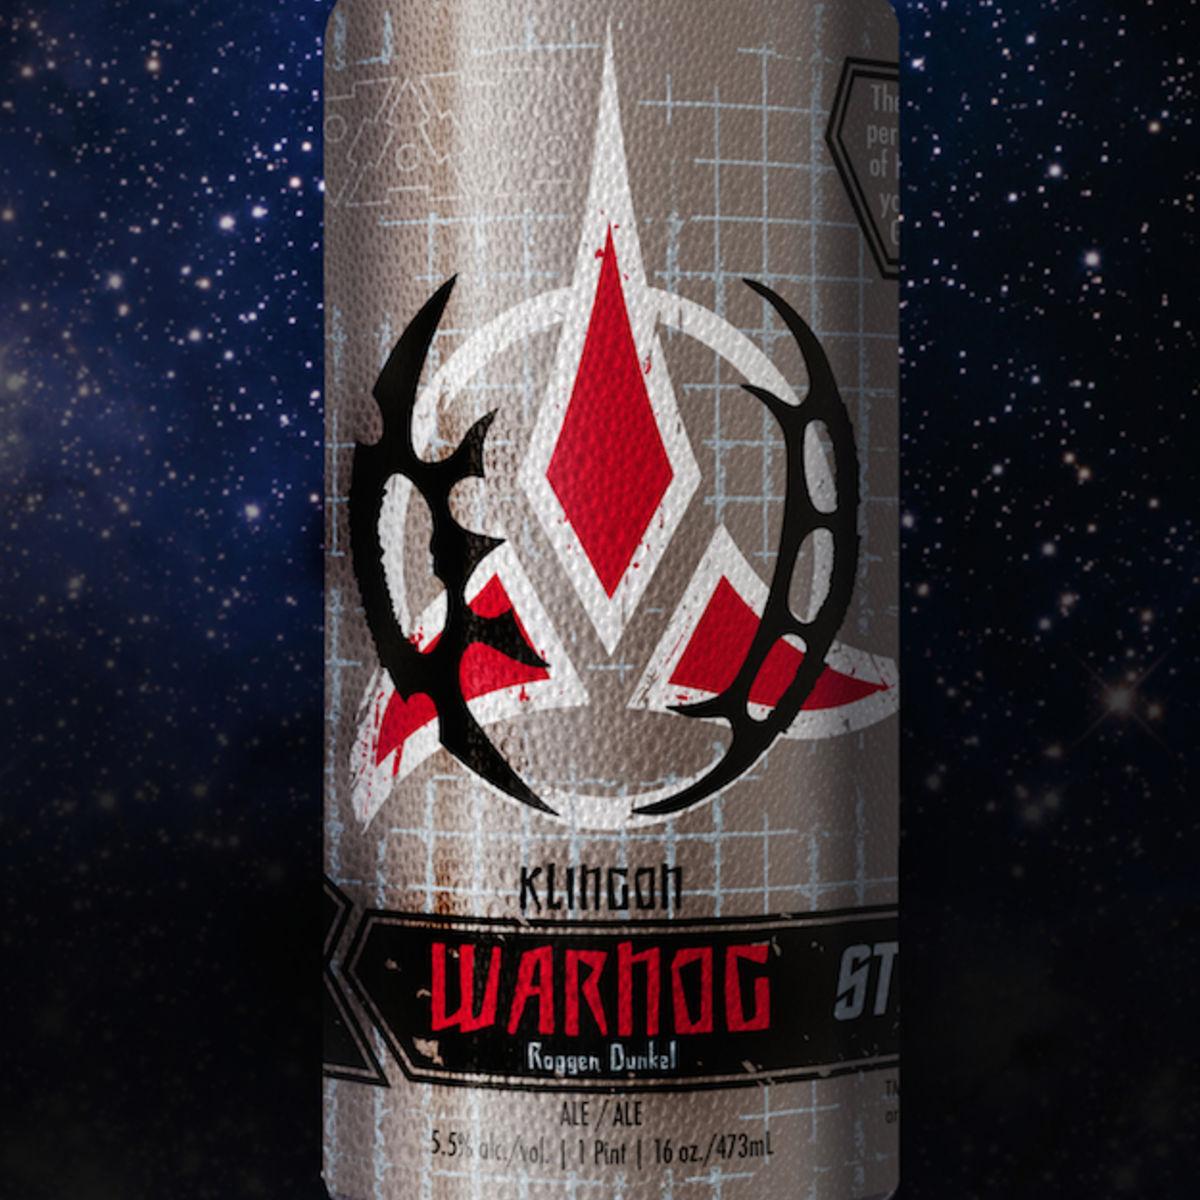 KlingonBeer.jpg